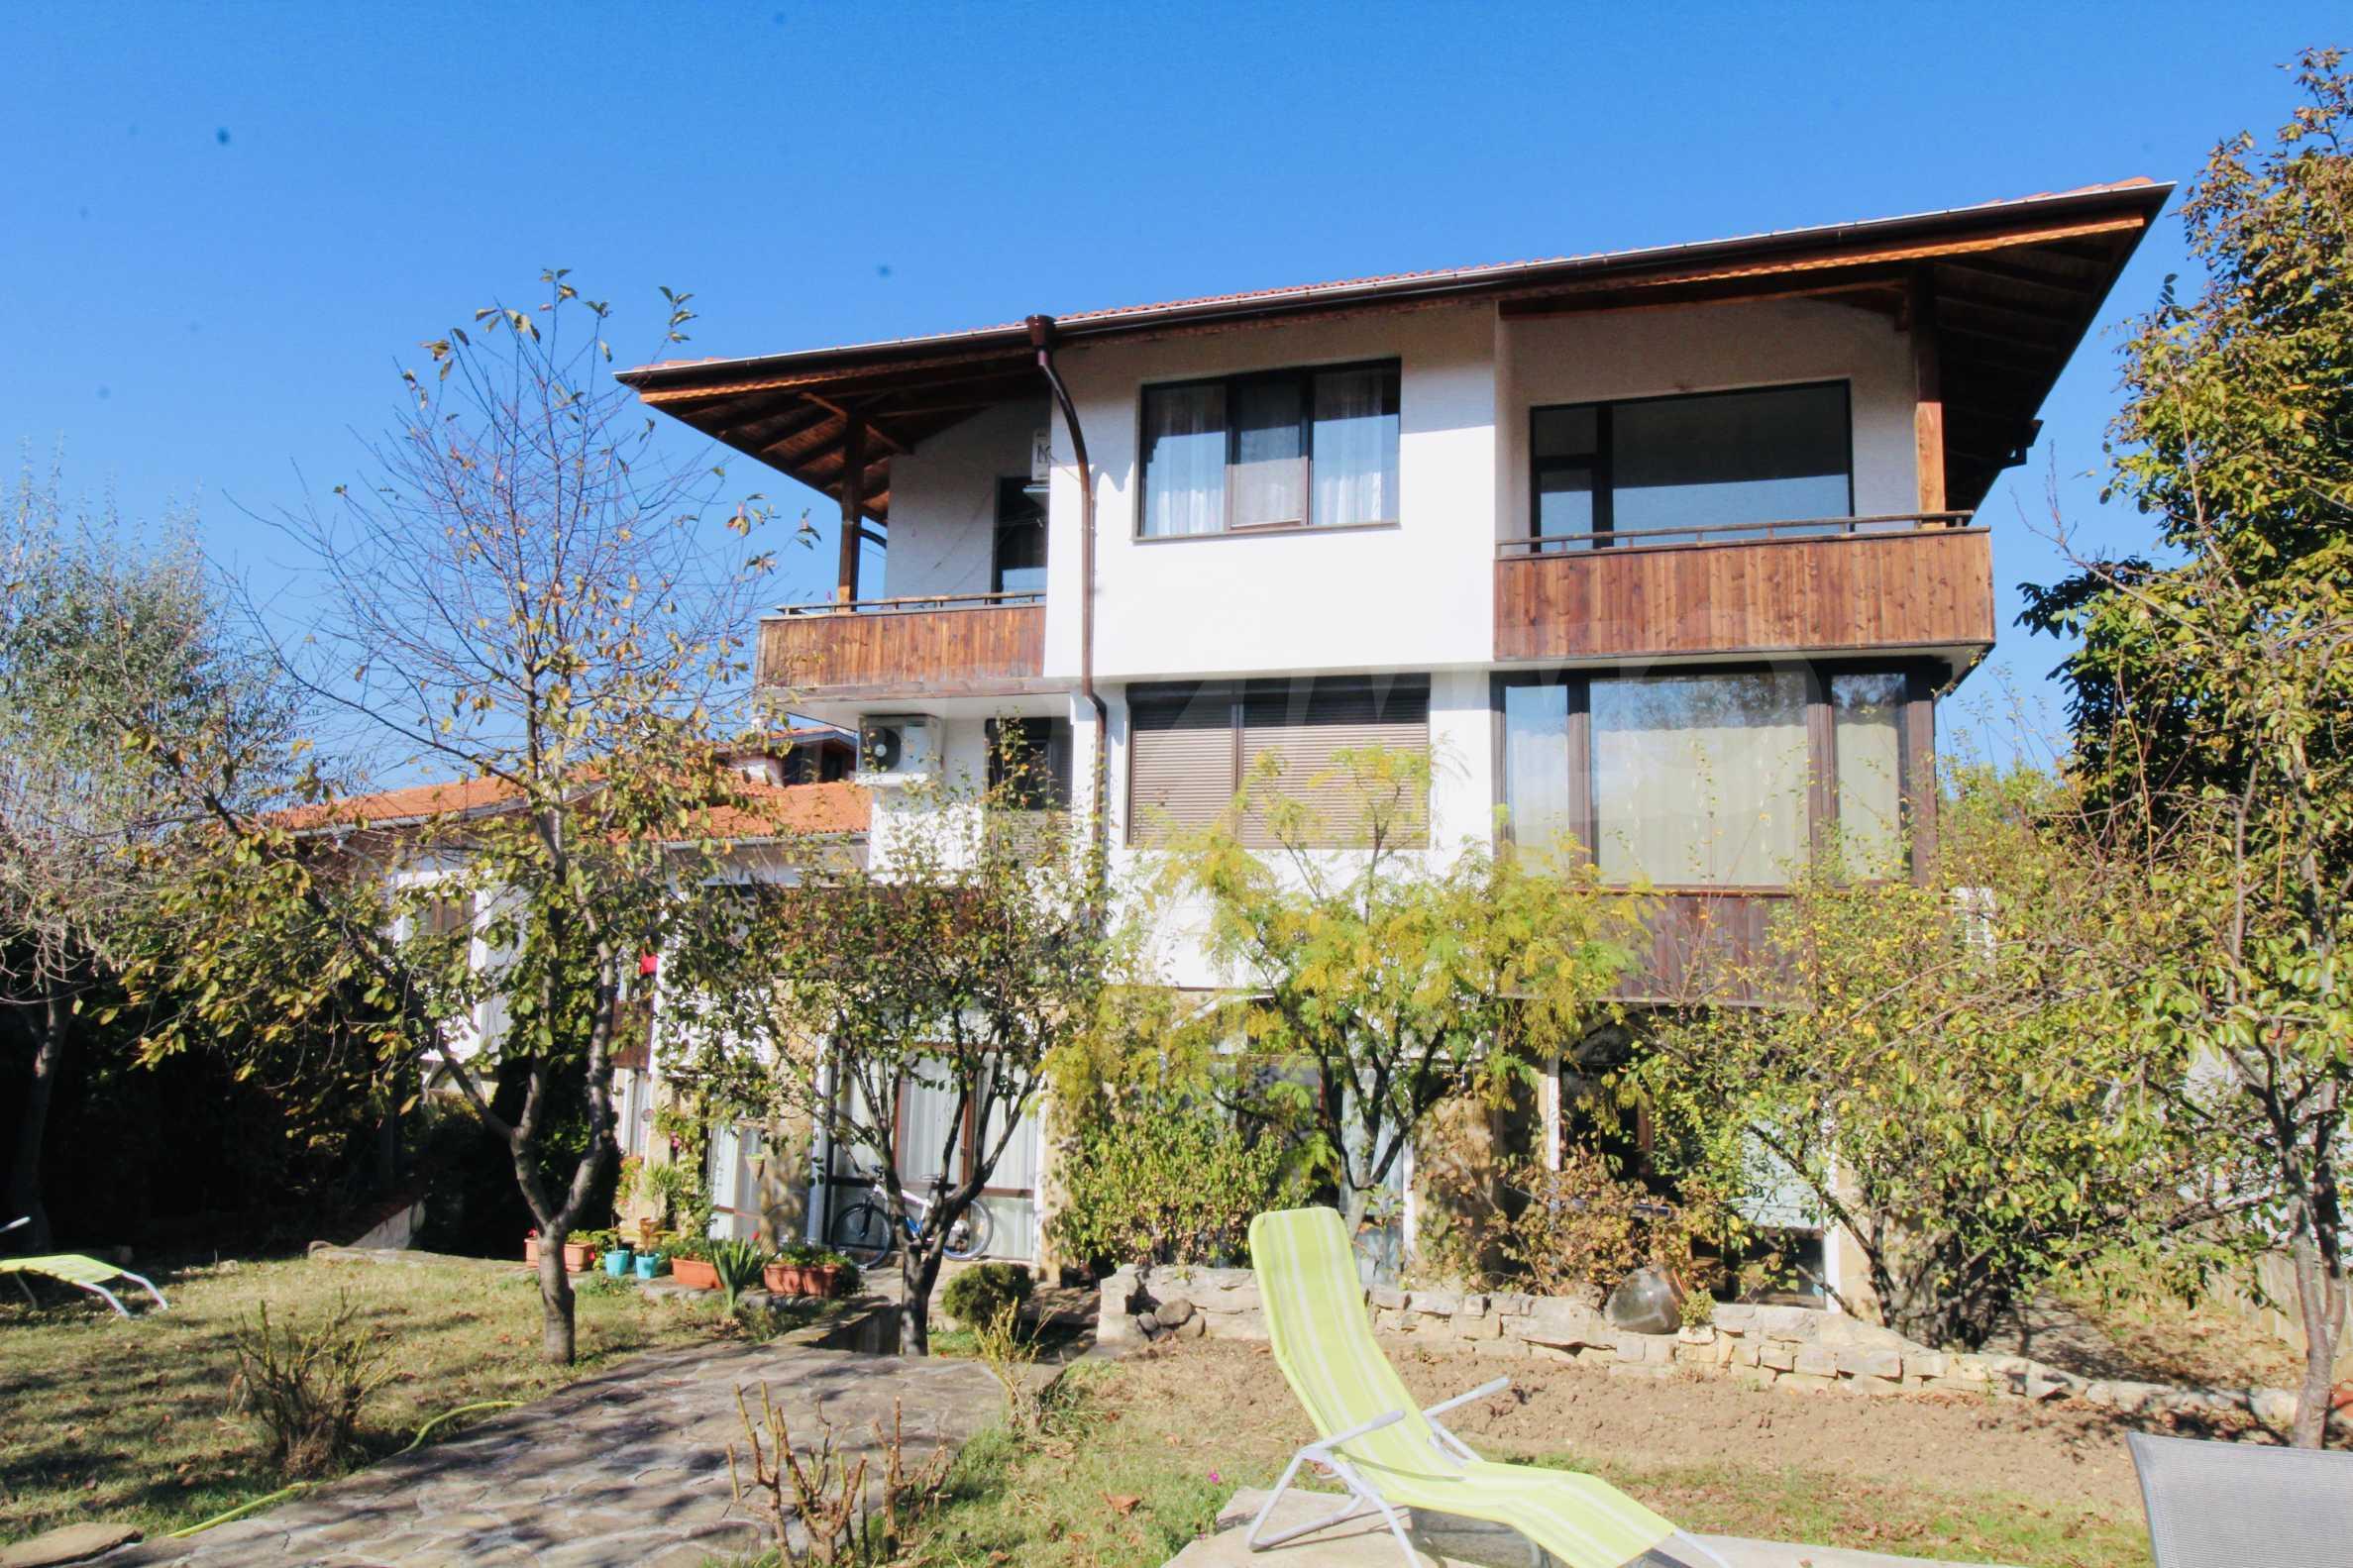 Zwei-Zimmer-Wohnung mit Parkplatz und Keller in der berühmten architektonischen Reserve Arbanassi 1